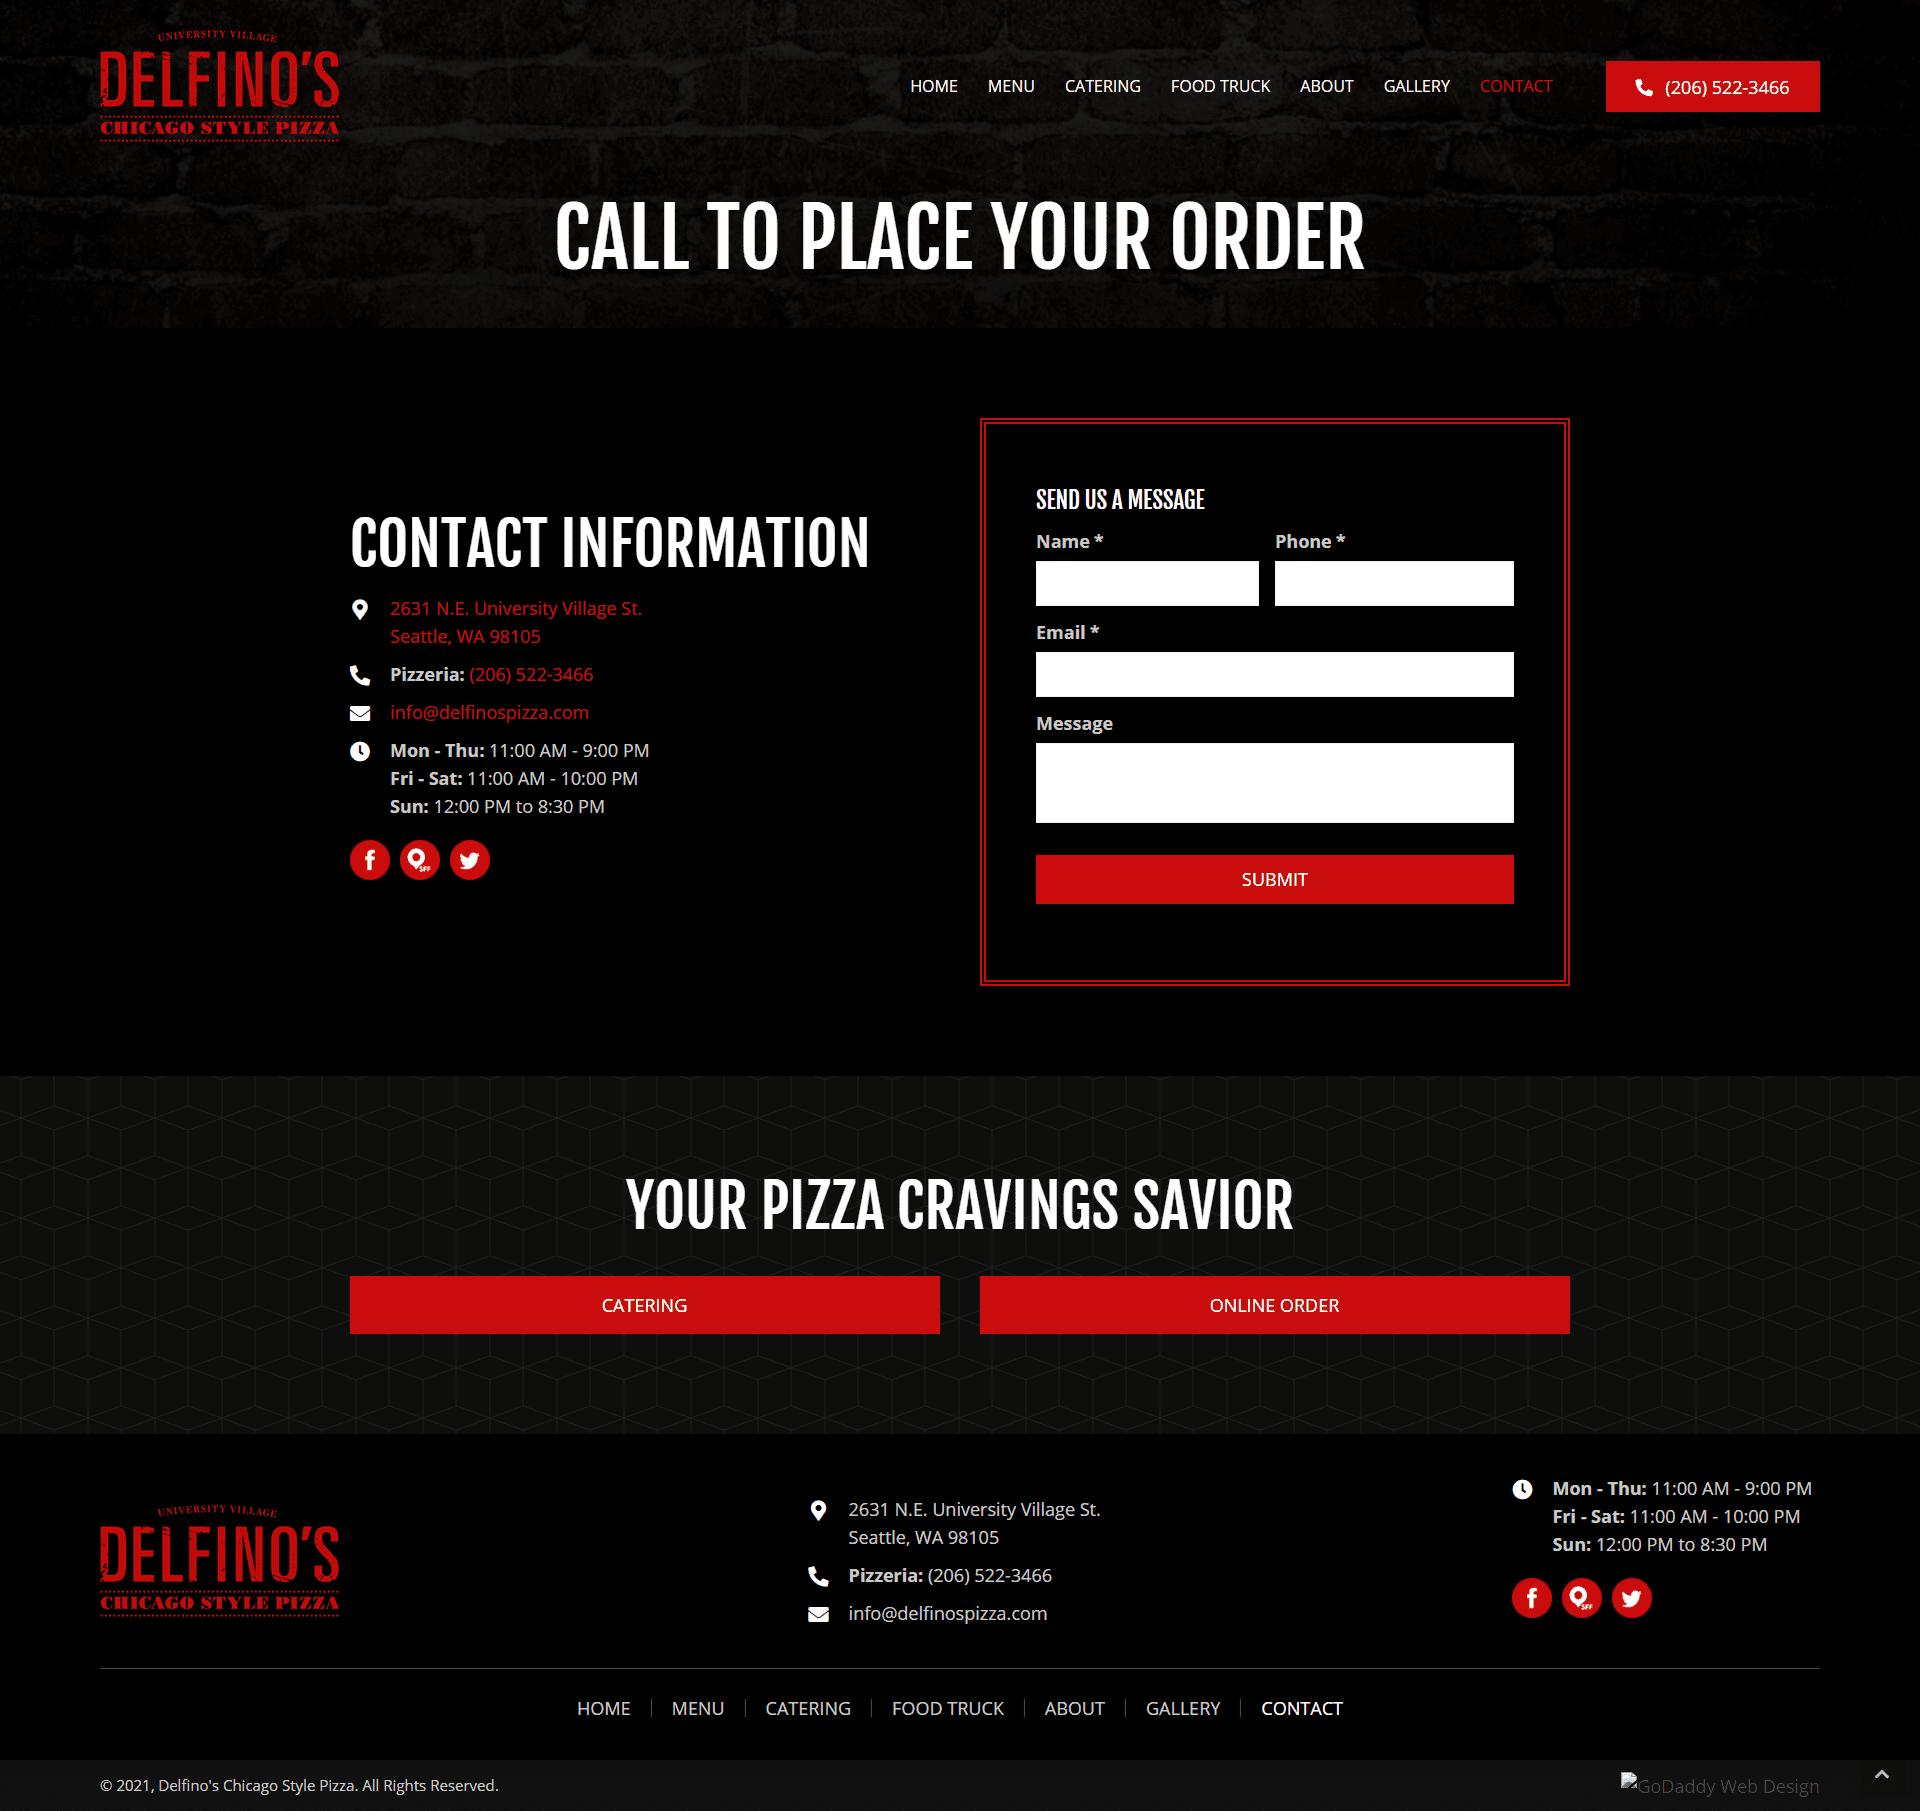 Delfino's Chicago Style Pizza Contact